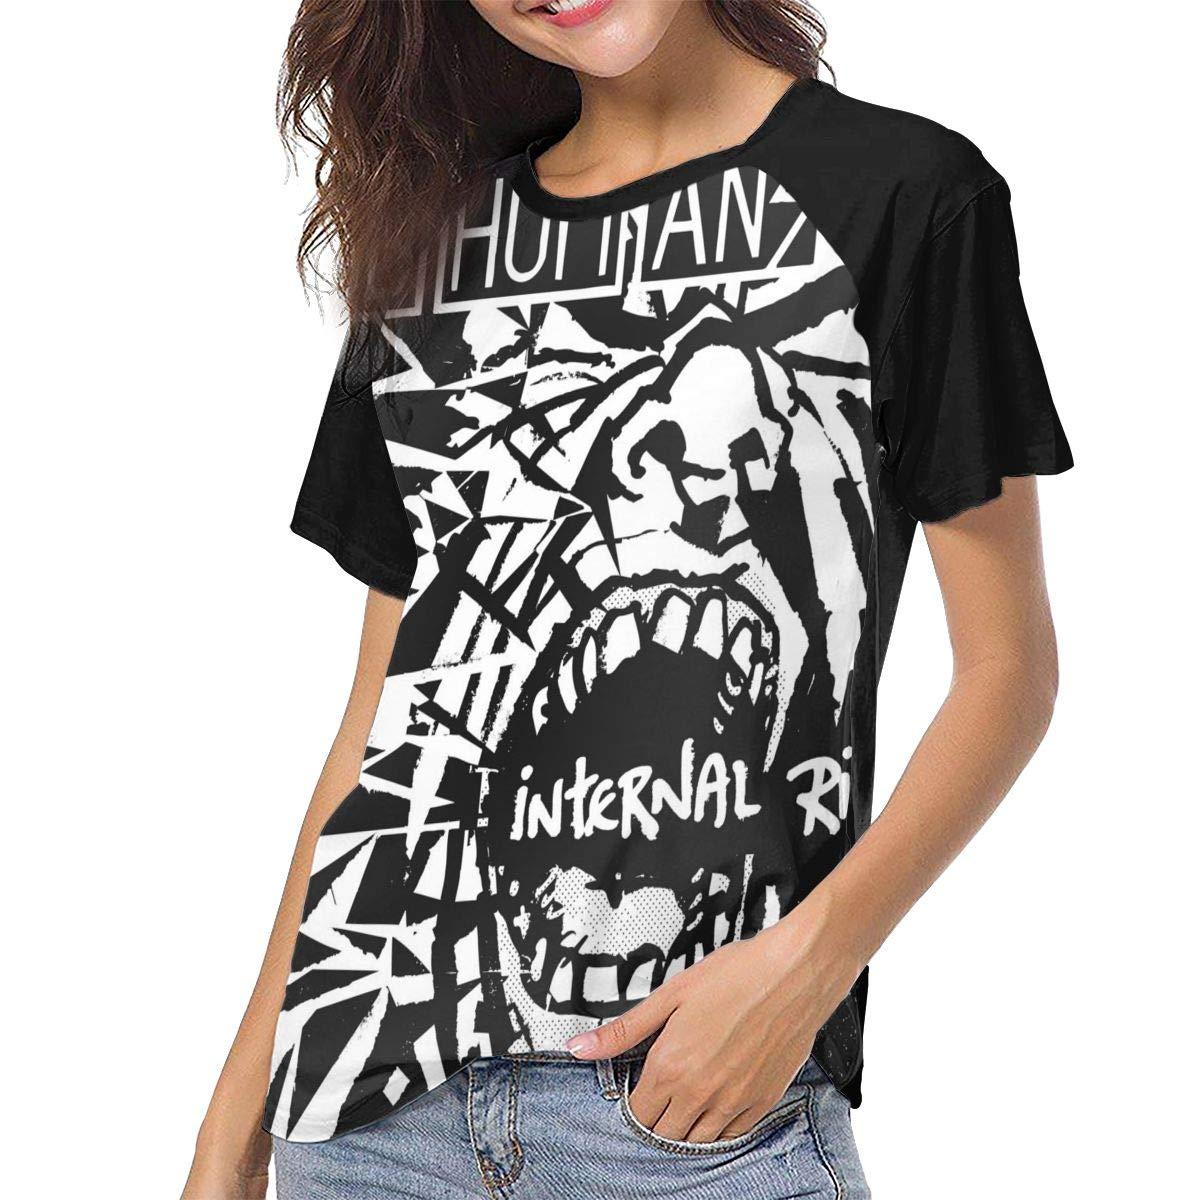 UISIWMSOE Subhumans Internal Riot Womens Summer Crew Neck T Shirt Tunic Top Black